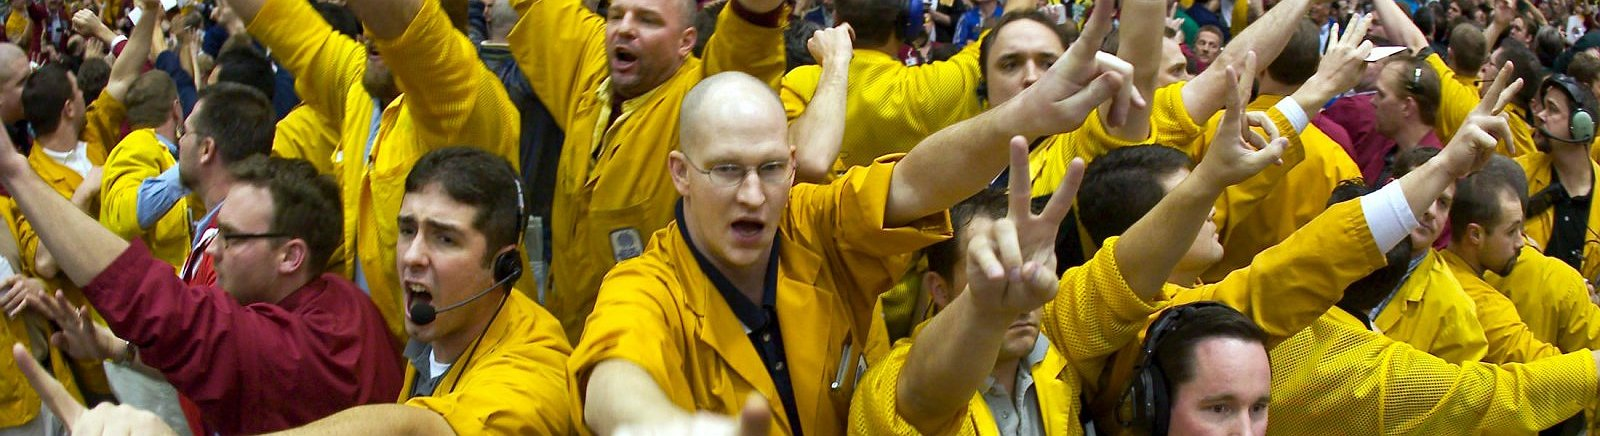 Los mercados emergentes: ¿tendencia alcista o bajista?